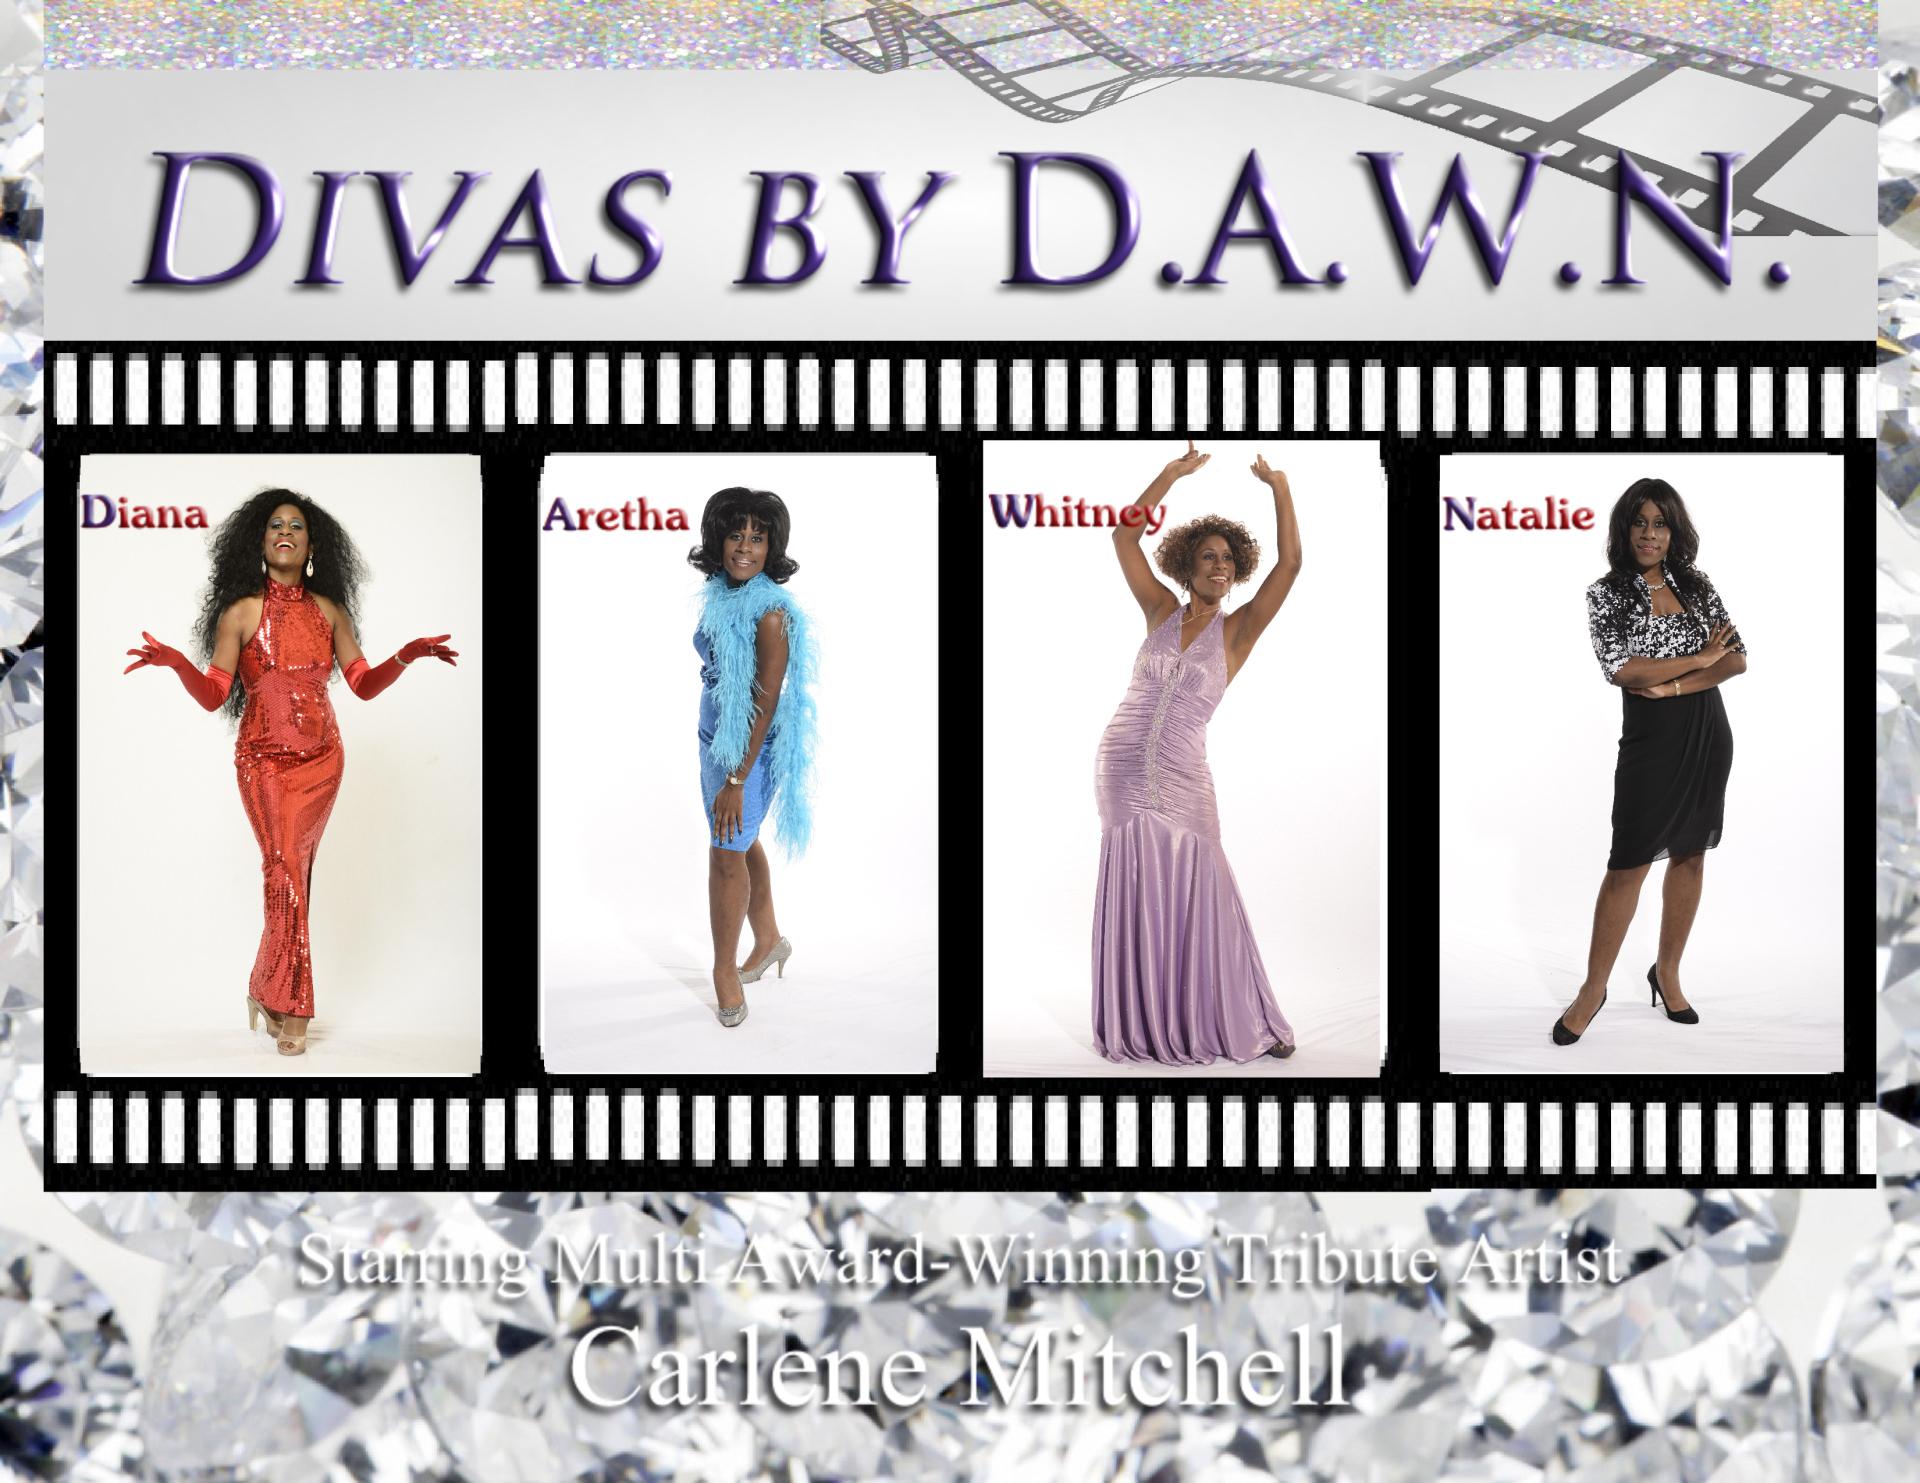 Divas by D.A.W.N.